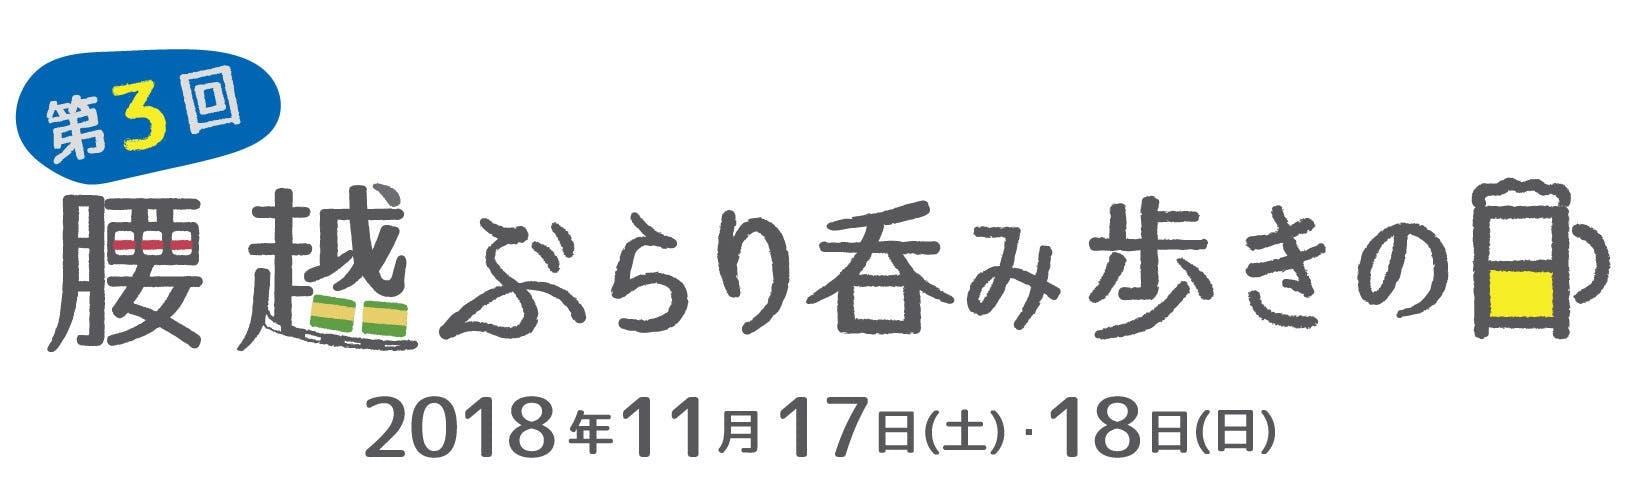 江ノ電と共に生きる町、鎌倉市腰越で呑み歩きイベントに参加してみませんか?